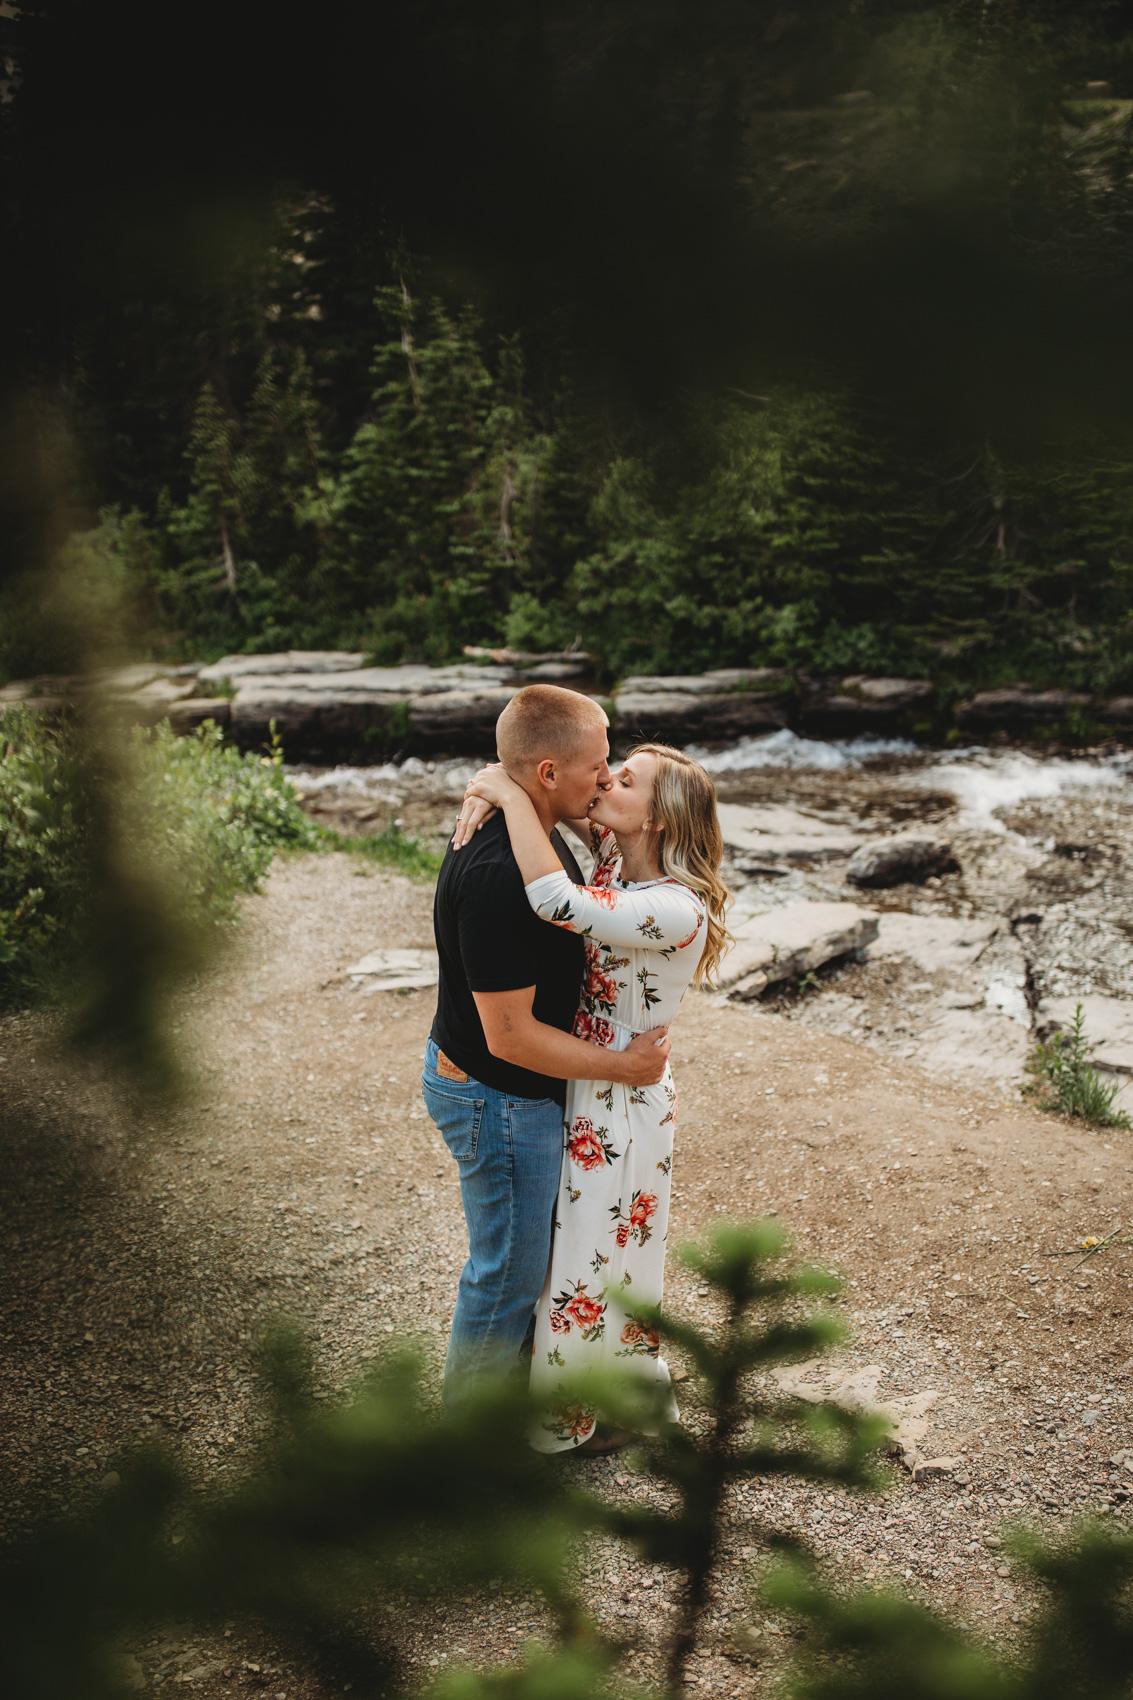 marah-doug-great-falls-montana-engagement-photographer-11.jpg